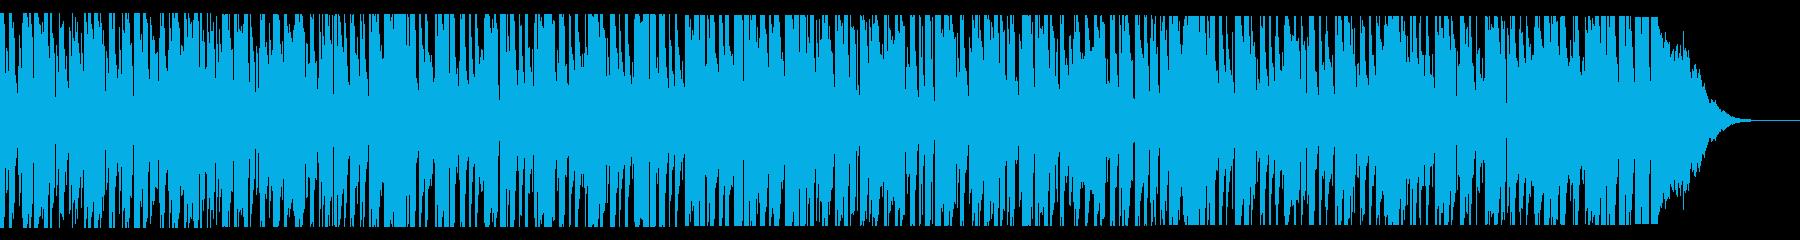 生音系・南の島の陽気でお気楽なレゲエの再生済みの波形